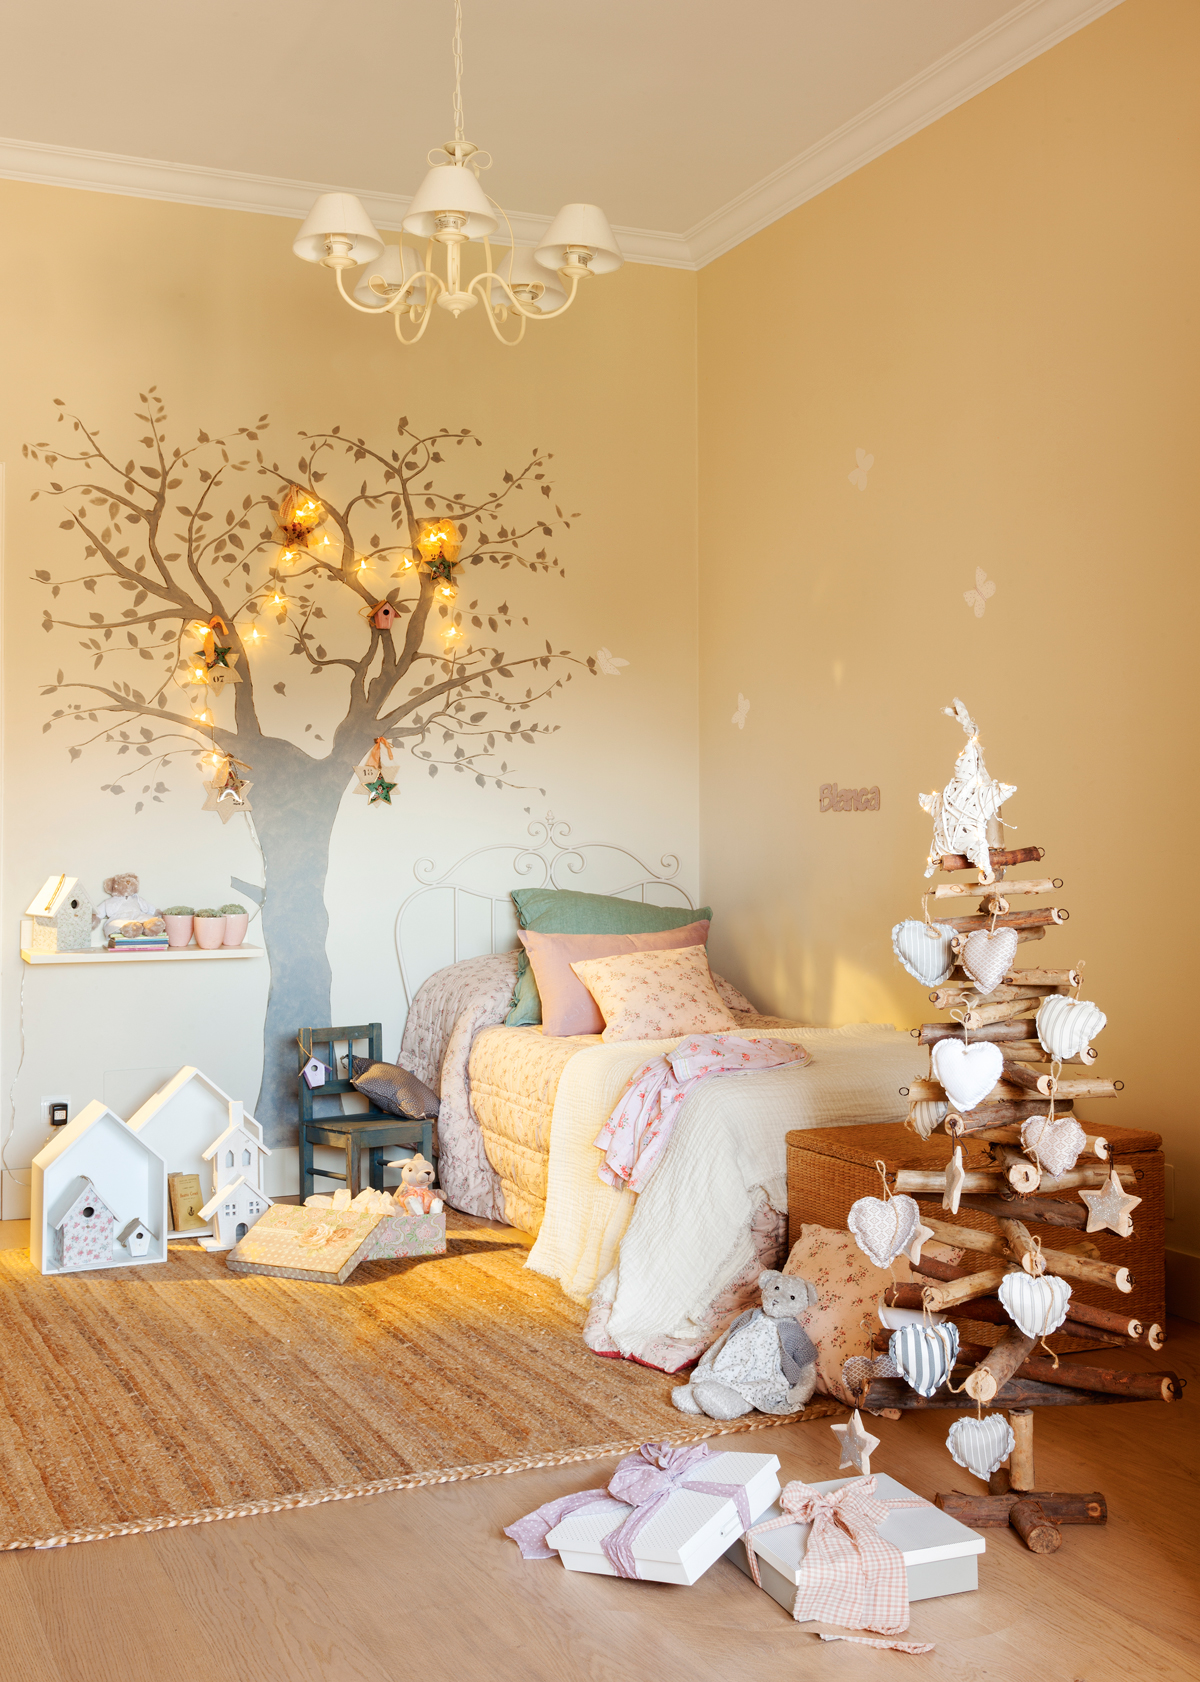 Adornos de navidad para decorar la habitaci n infantil for Para adornar fotos